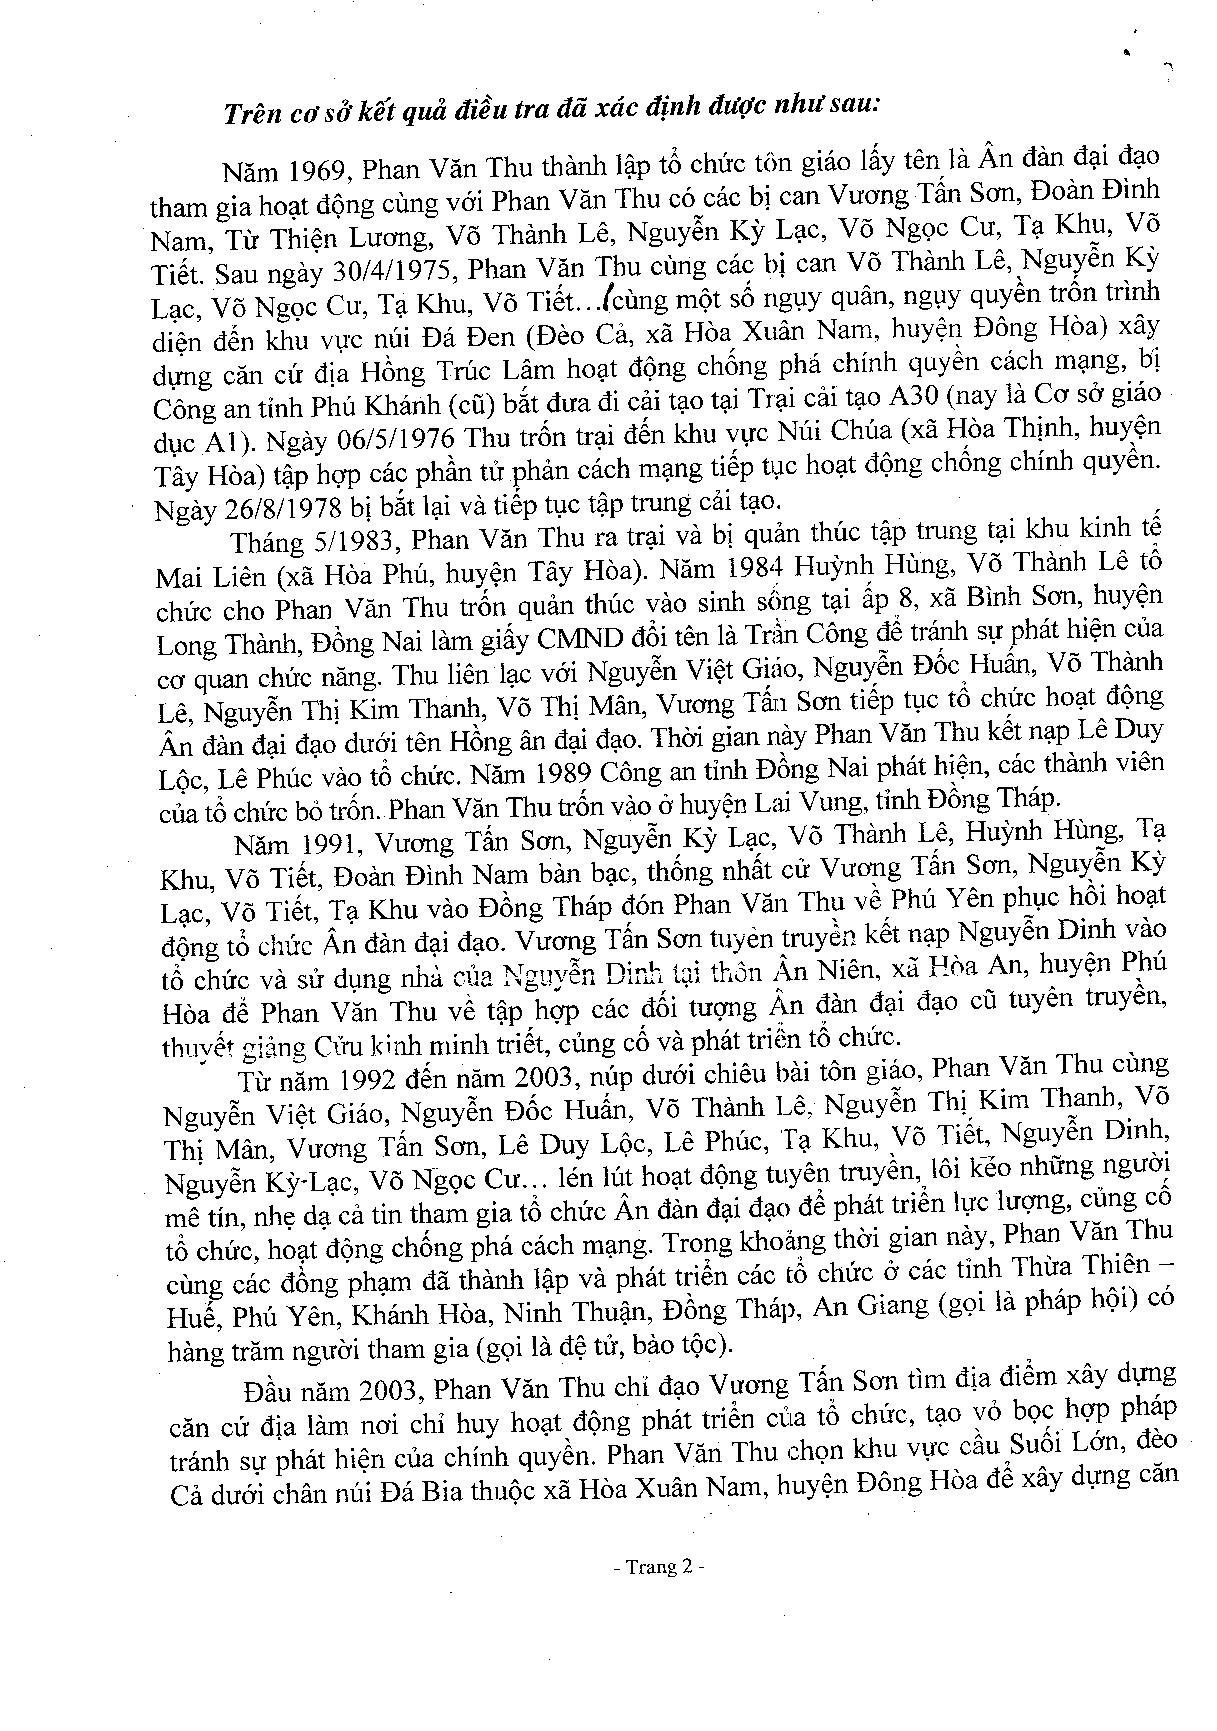 cao trang-page-002